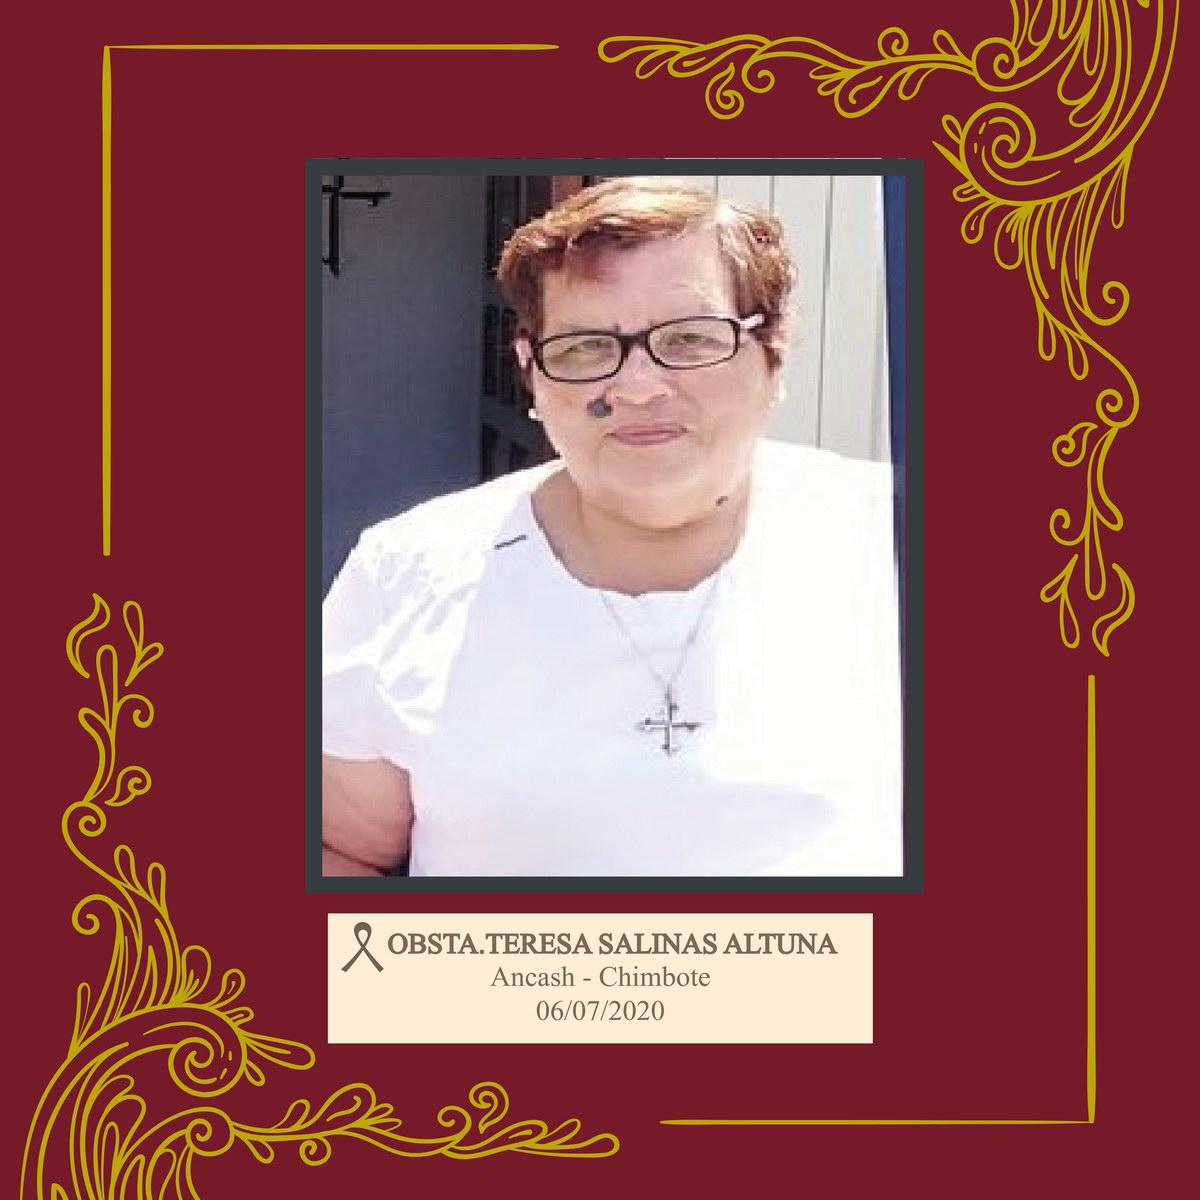 Teresa Salinas Altuna